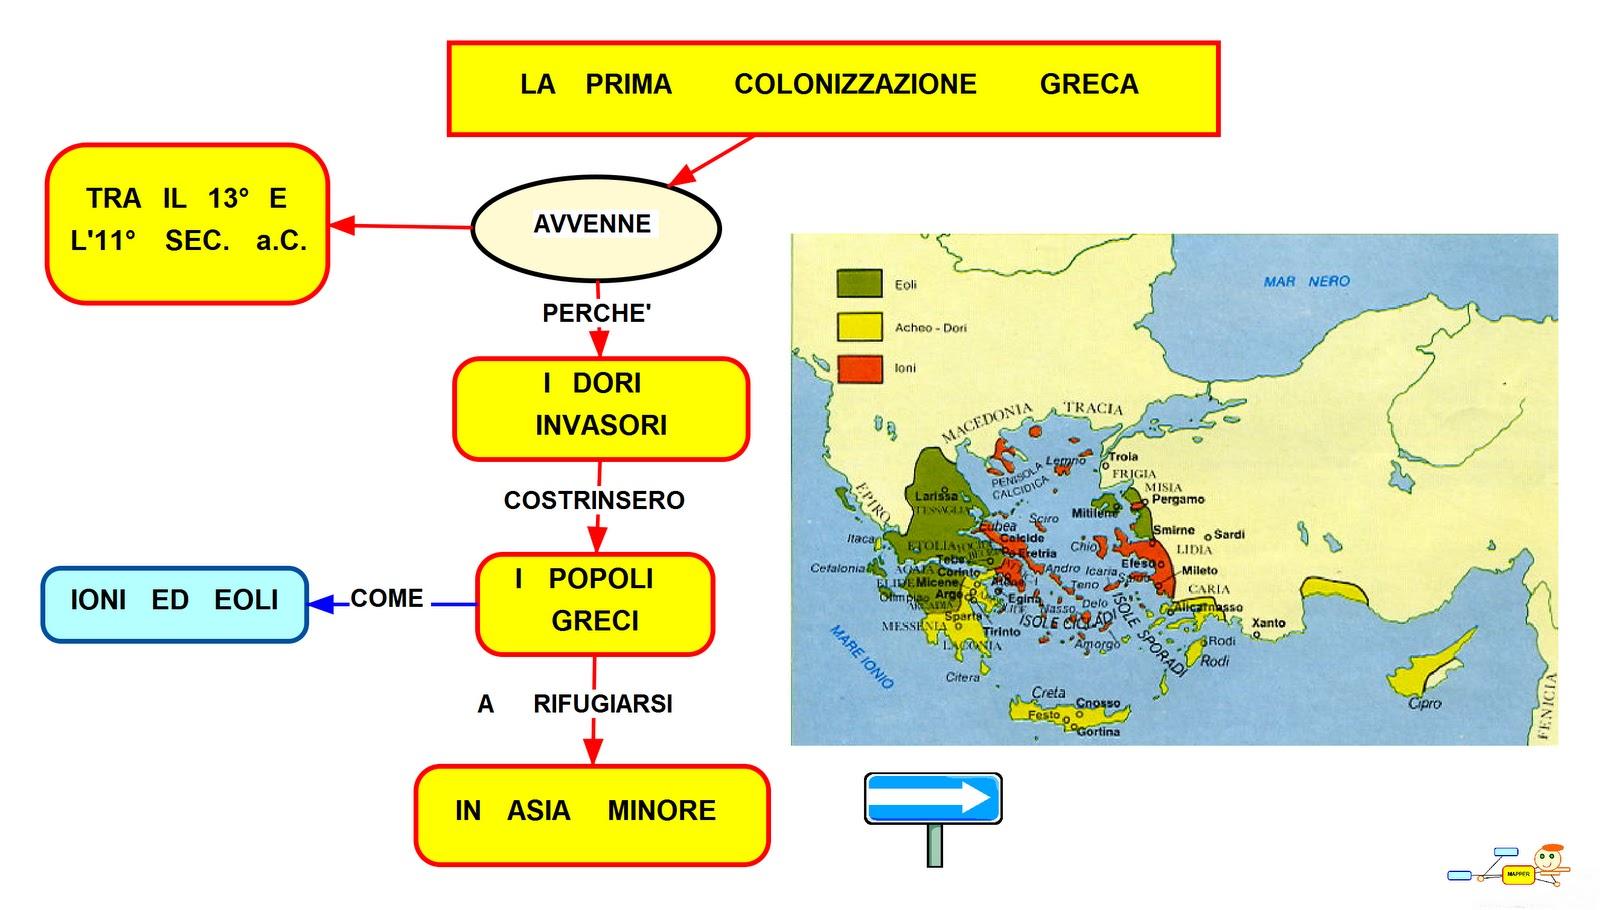 1 colonizzazione greca